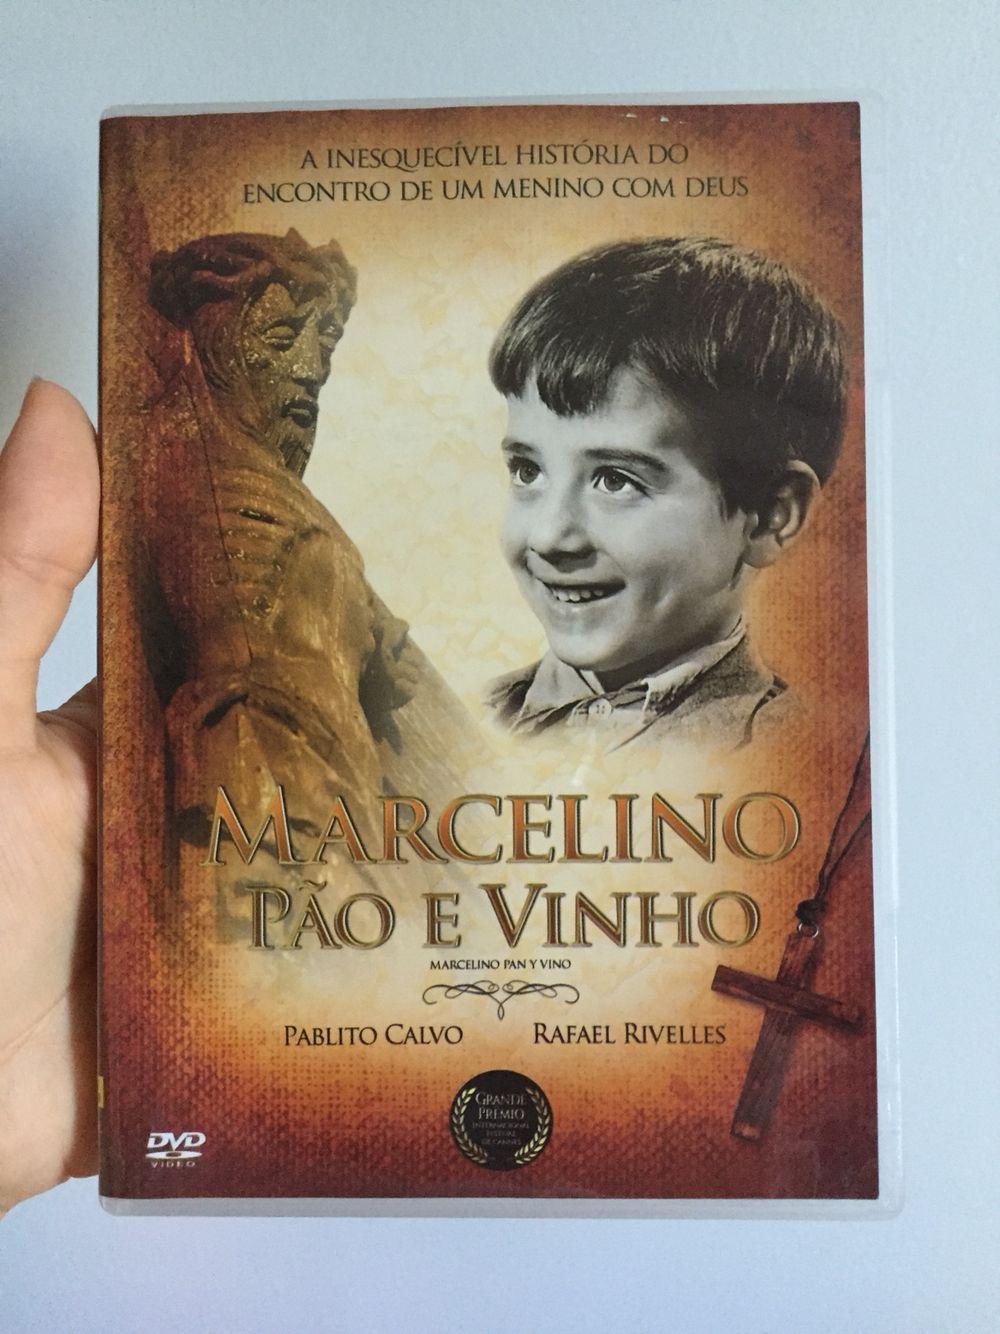 Marcelino Pao E Vinho Com Imagens Filmes Cristaos Pao E Vinho